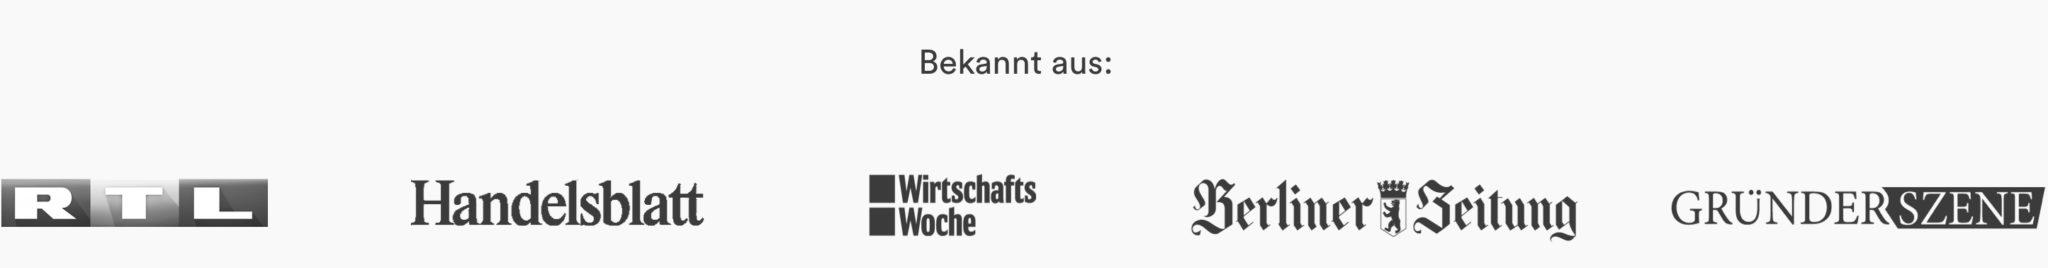 in_der_presse-banner-desktop